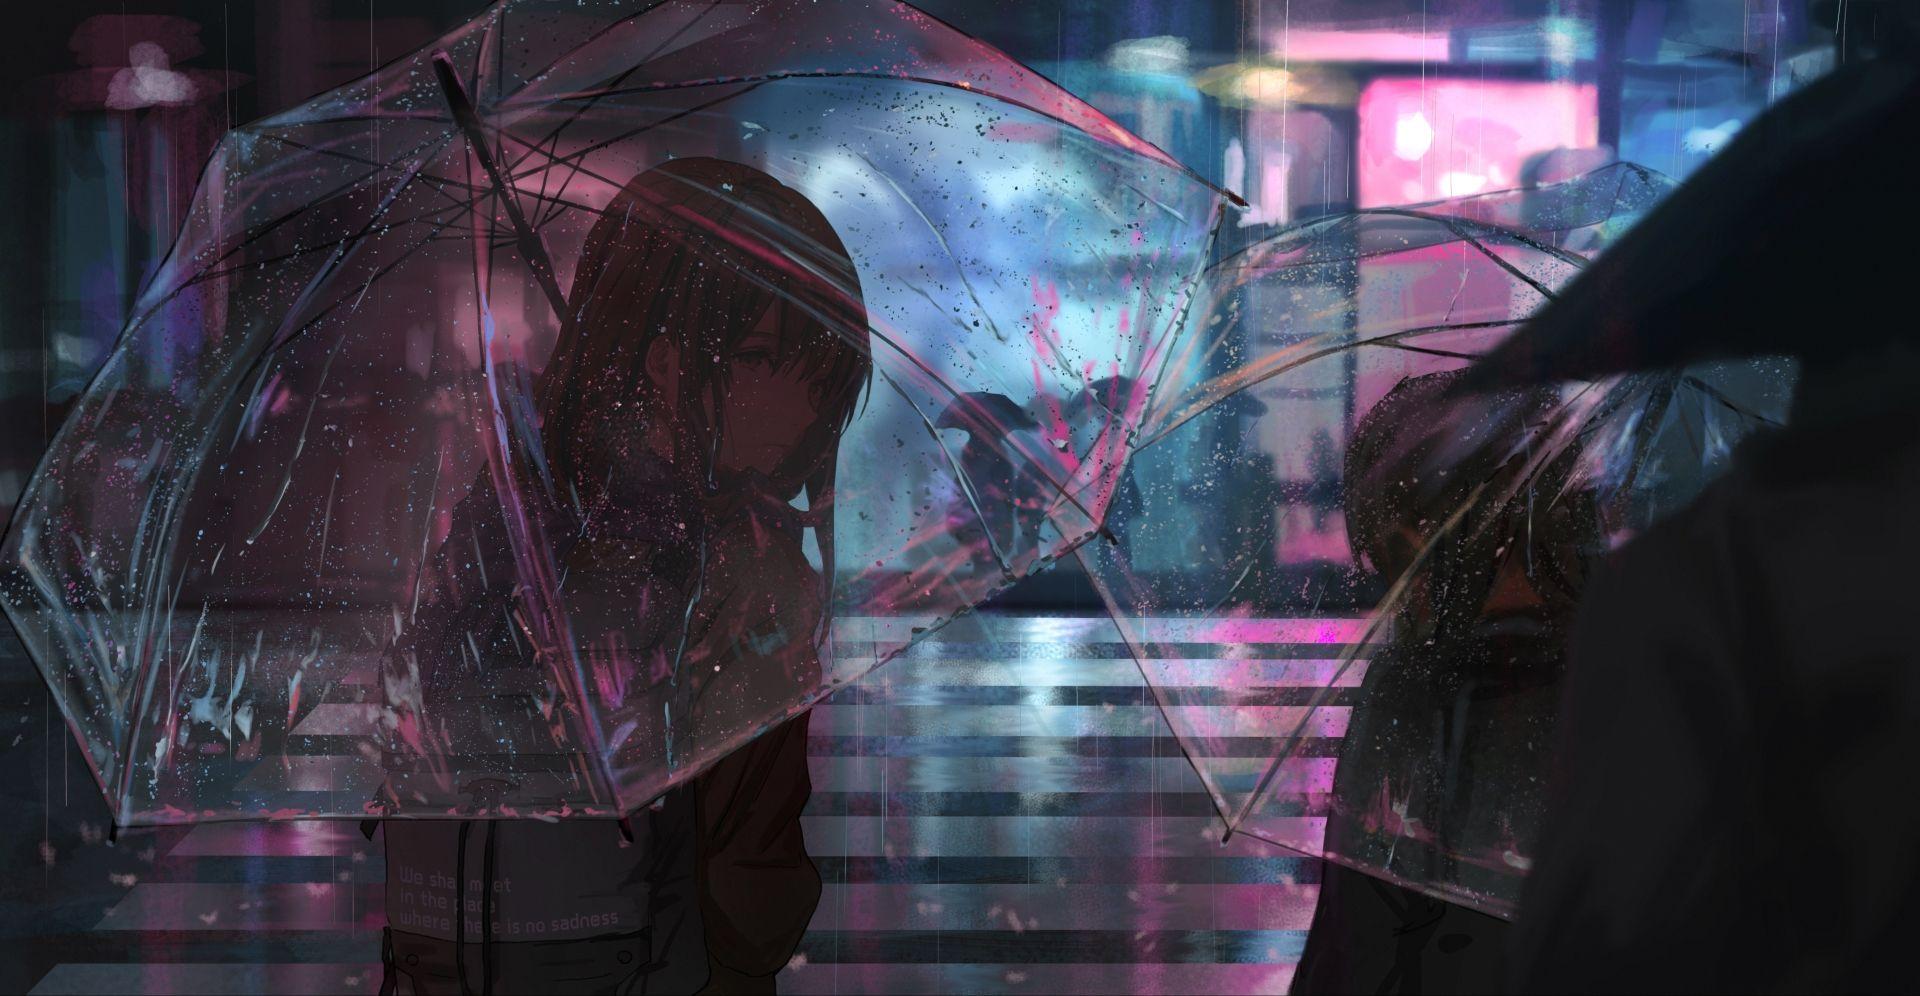 Anime Original Paraguas Lluvia Noche Fondo De Pantalla Fondos De Pantalla Pc Fondos De Escritorio Fondos De Pantalla Paisajes